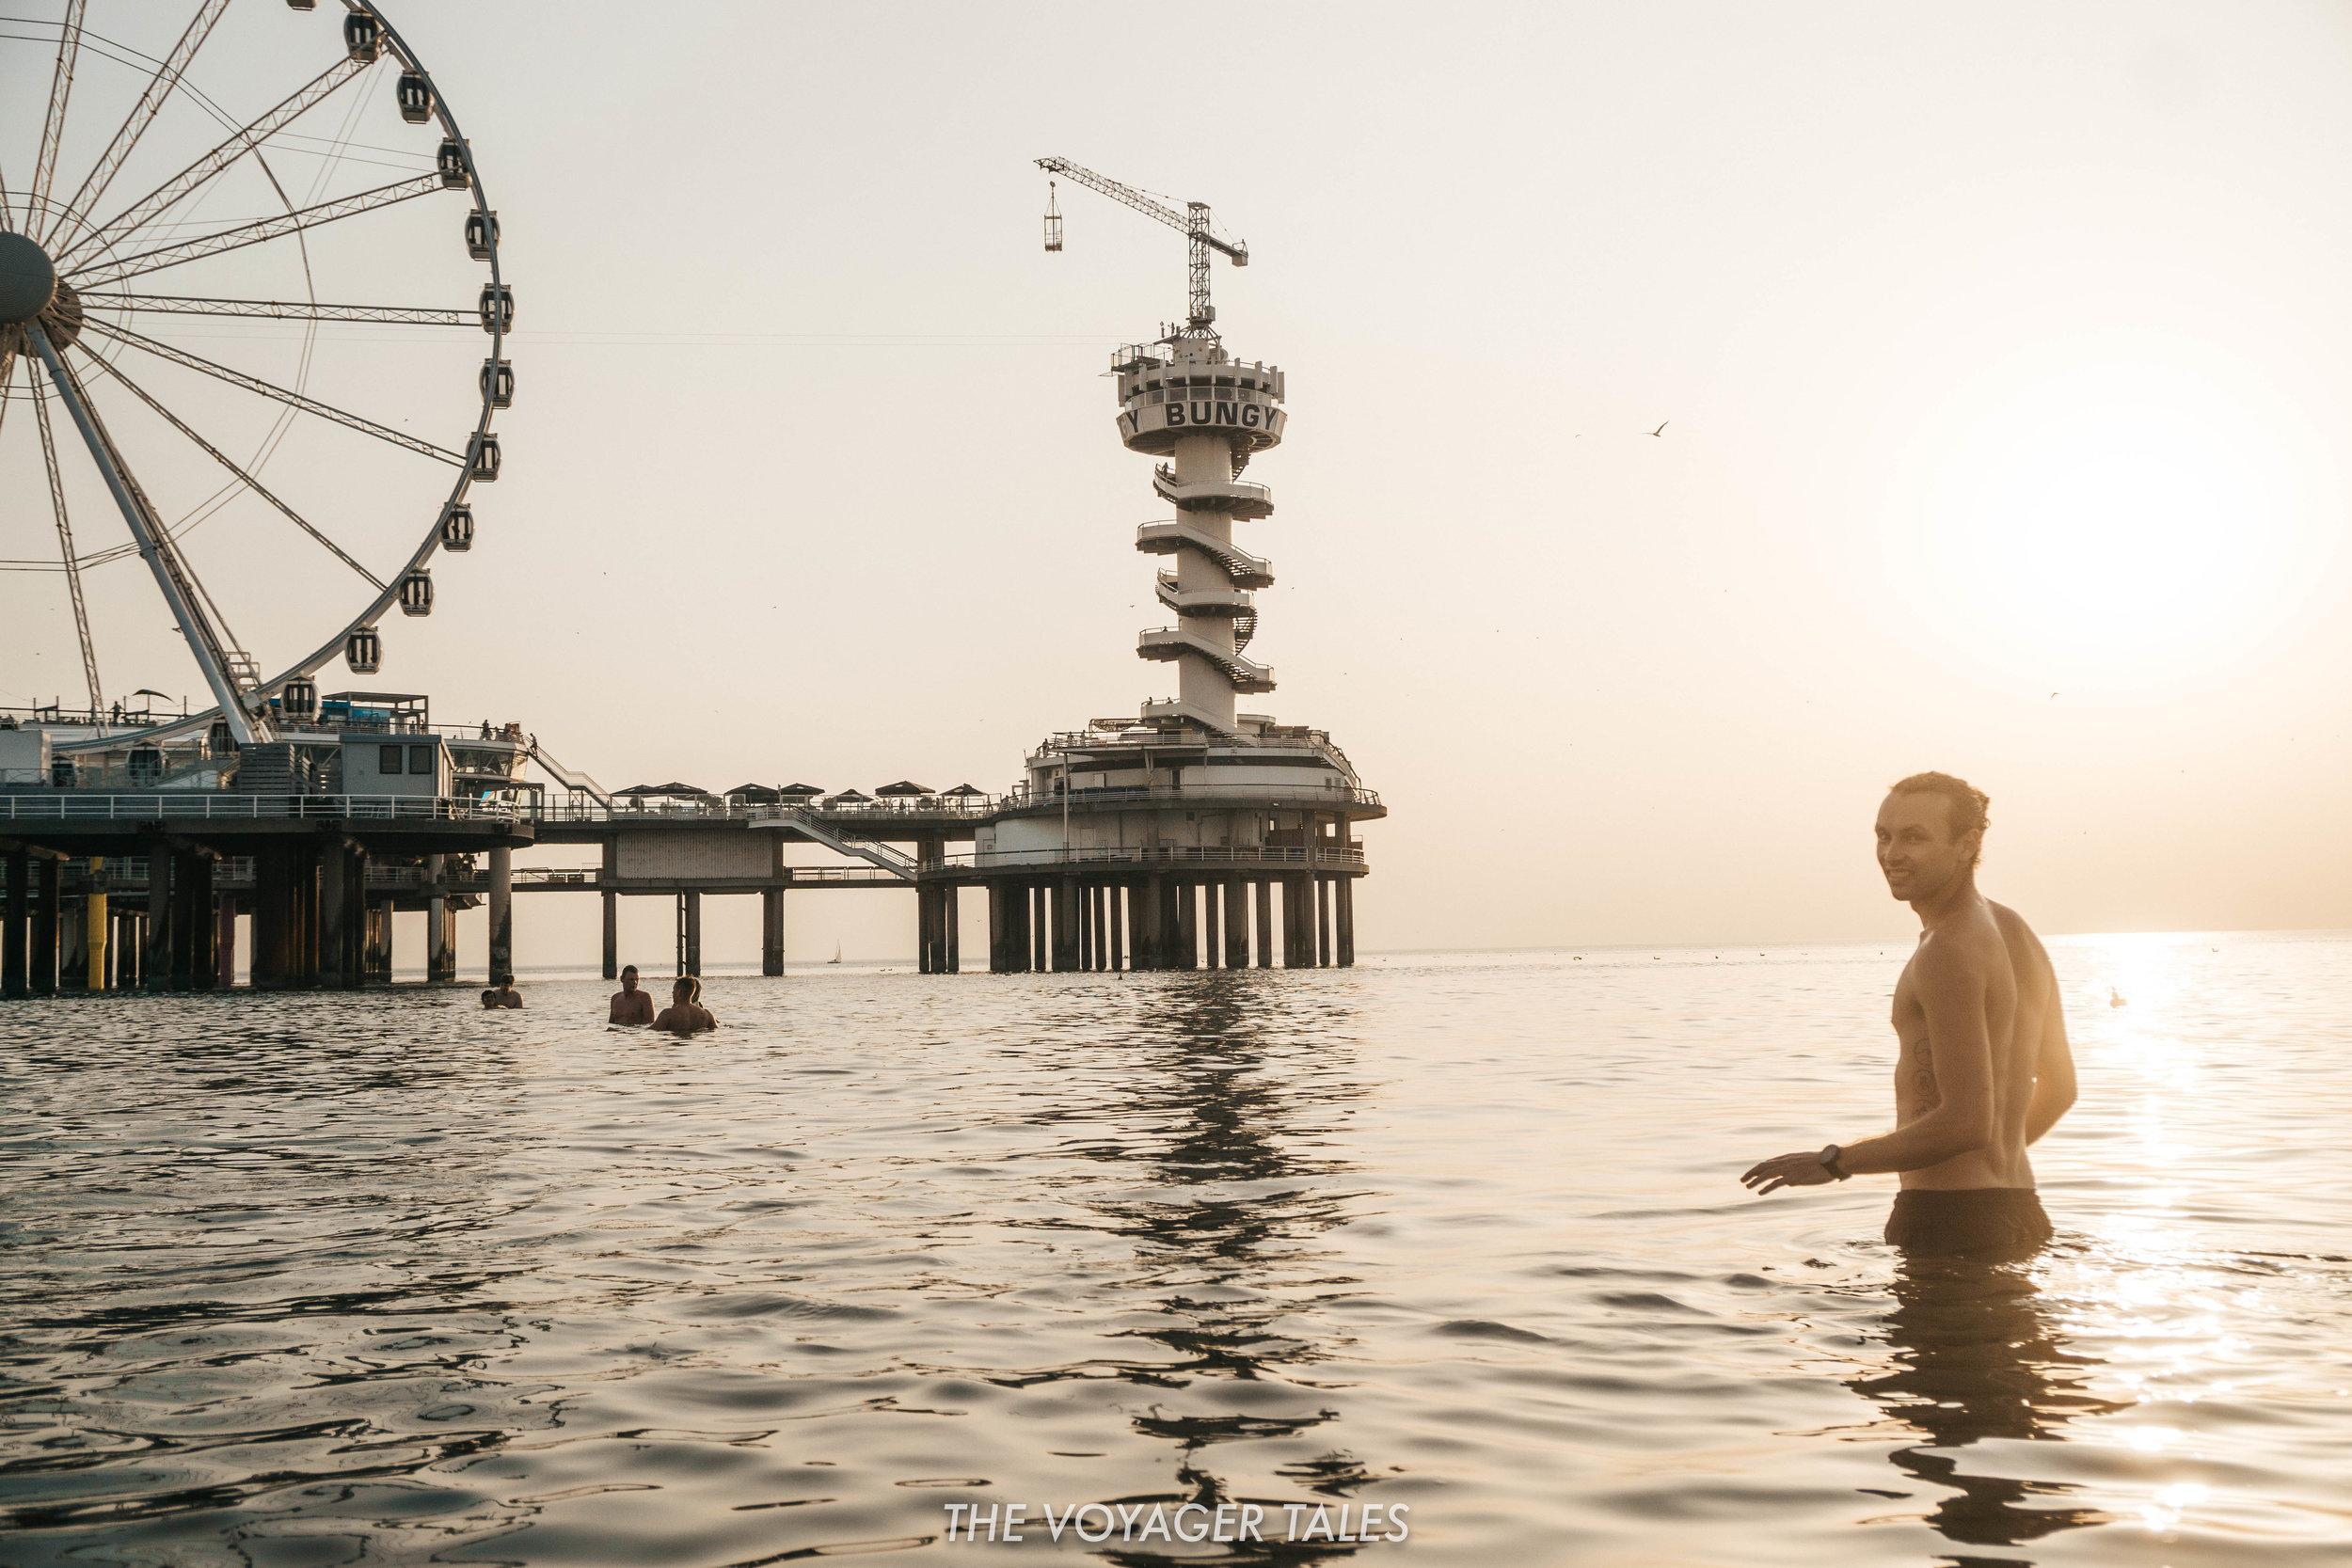 Hague Beach.jpg